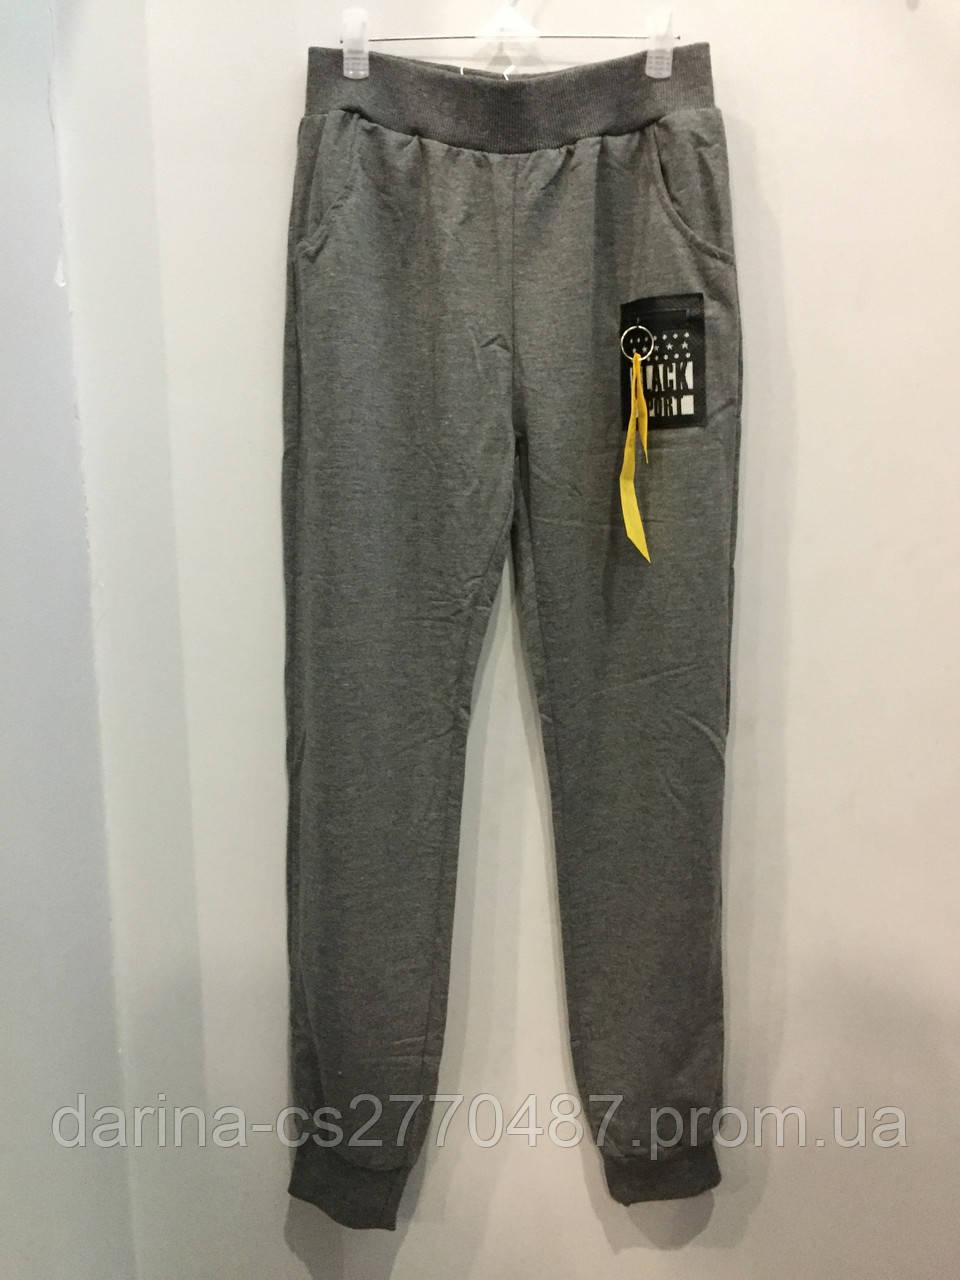 Спортивные штаны для мальчика подростка 146,152 см